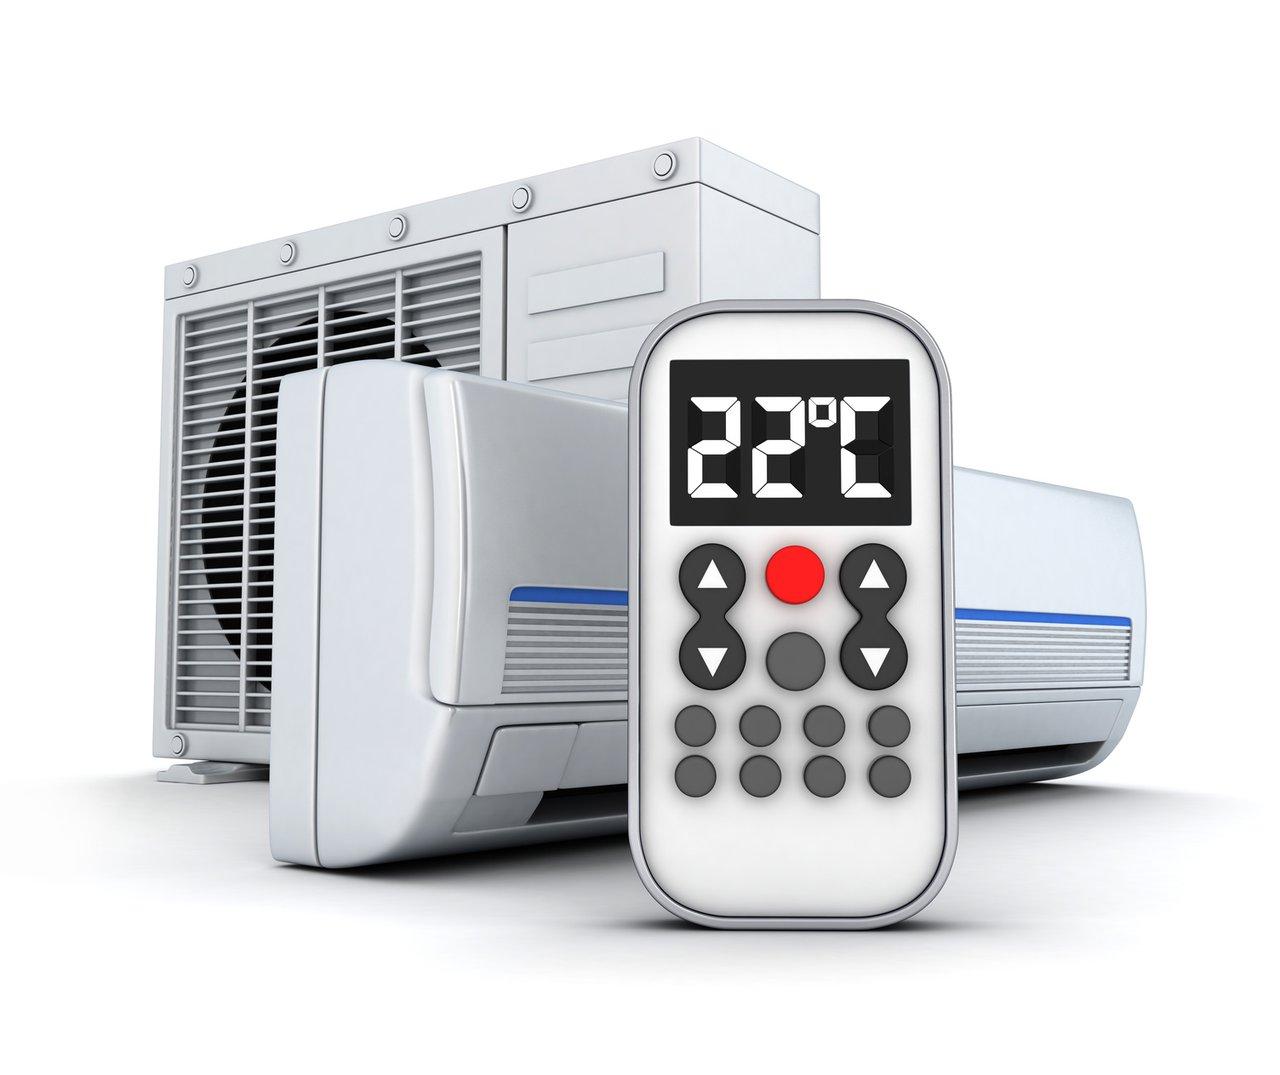 Bildergebnis für klimaanlage